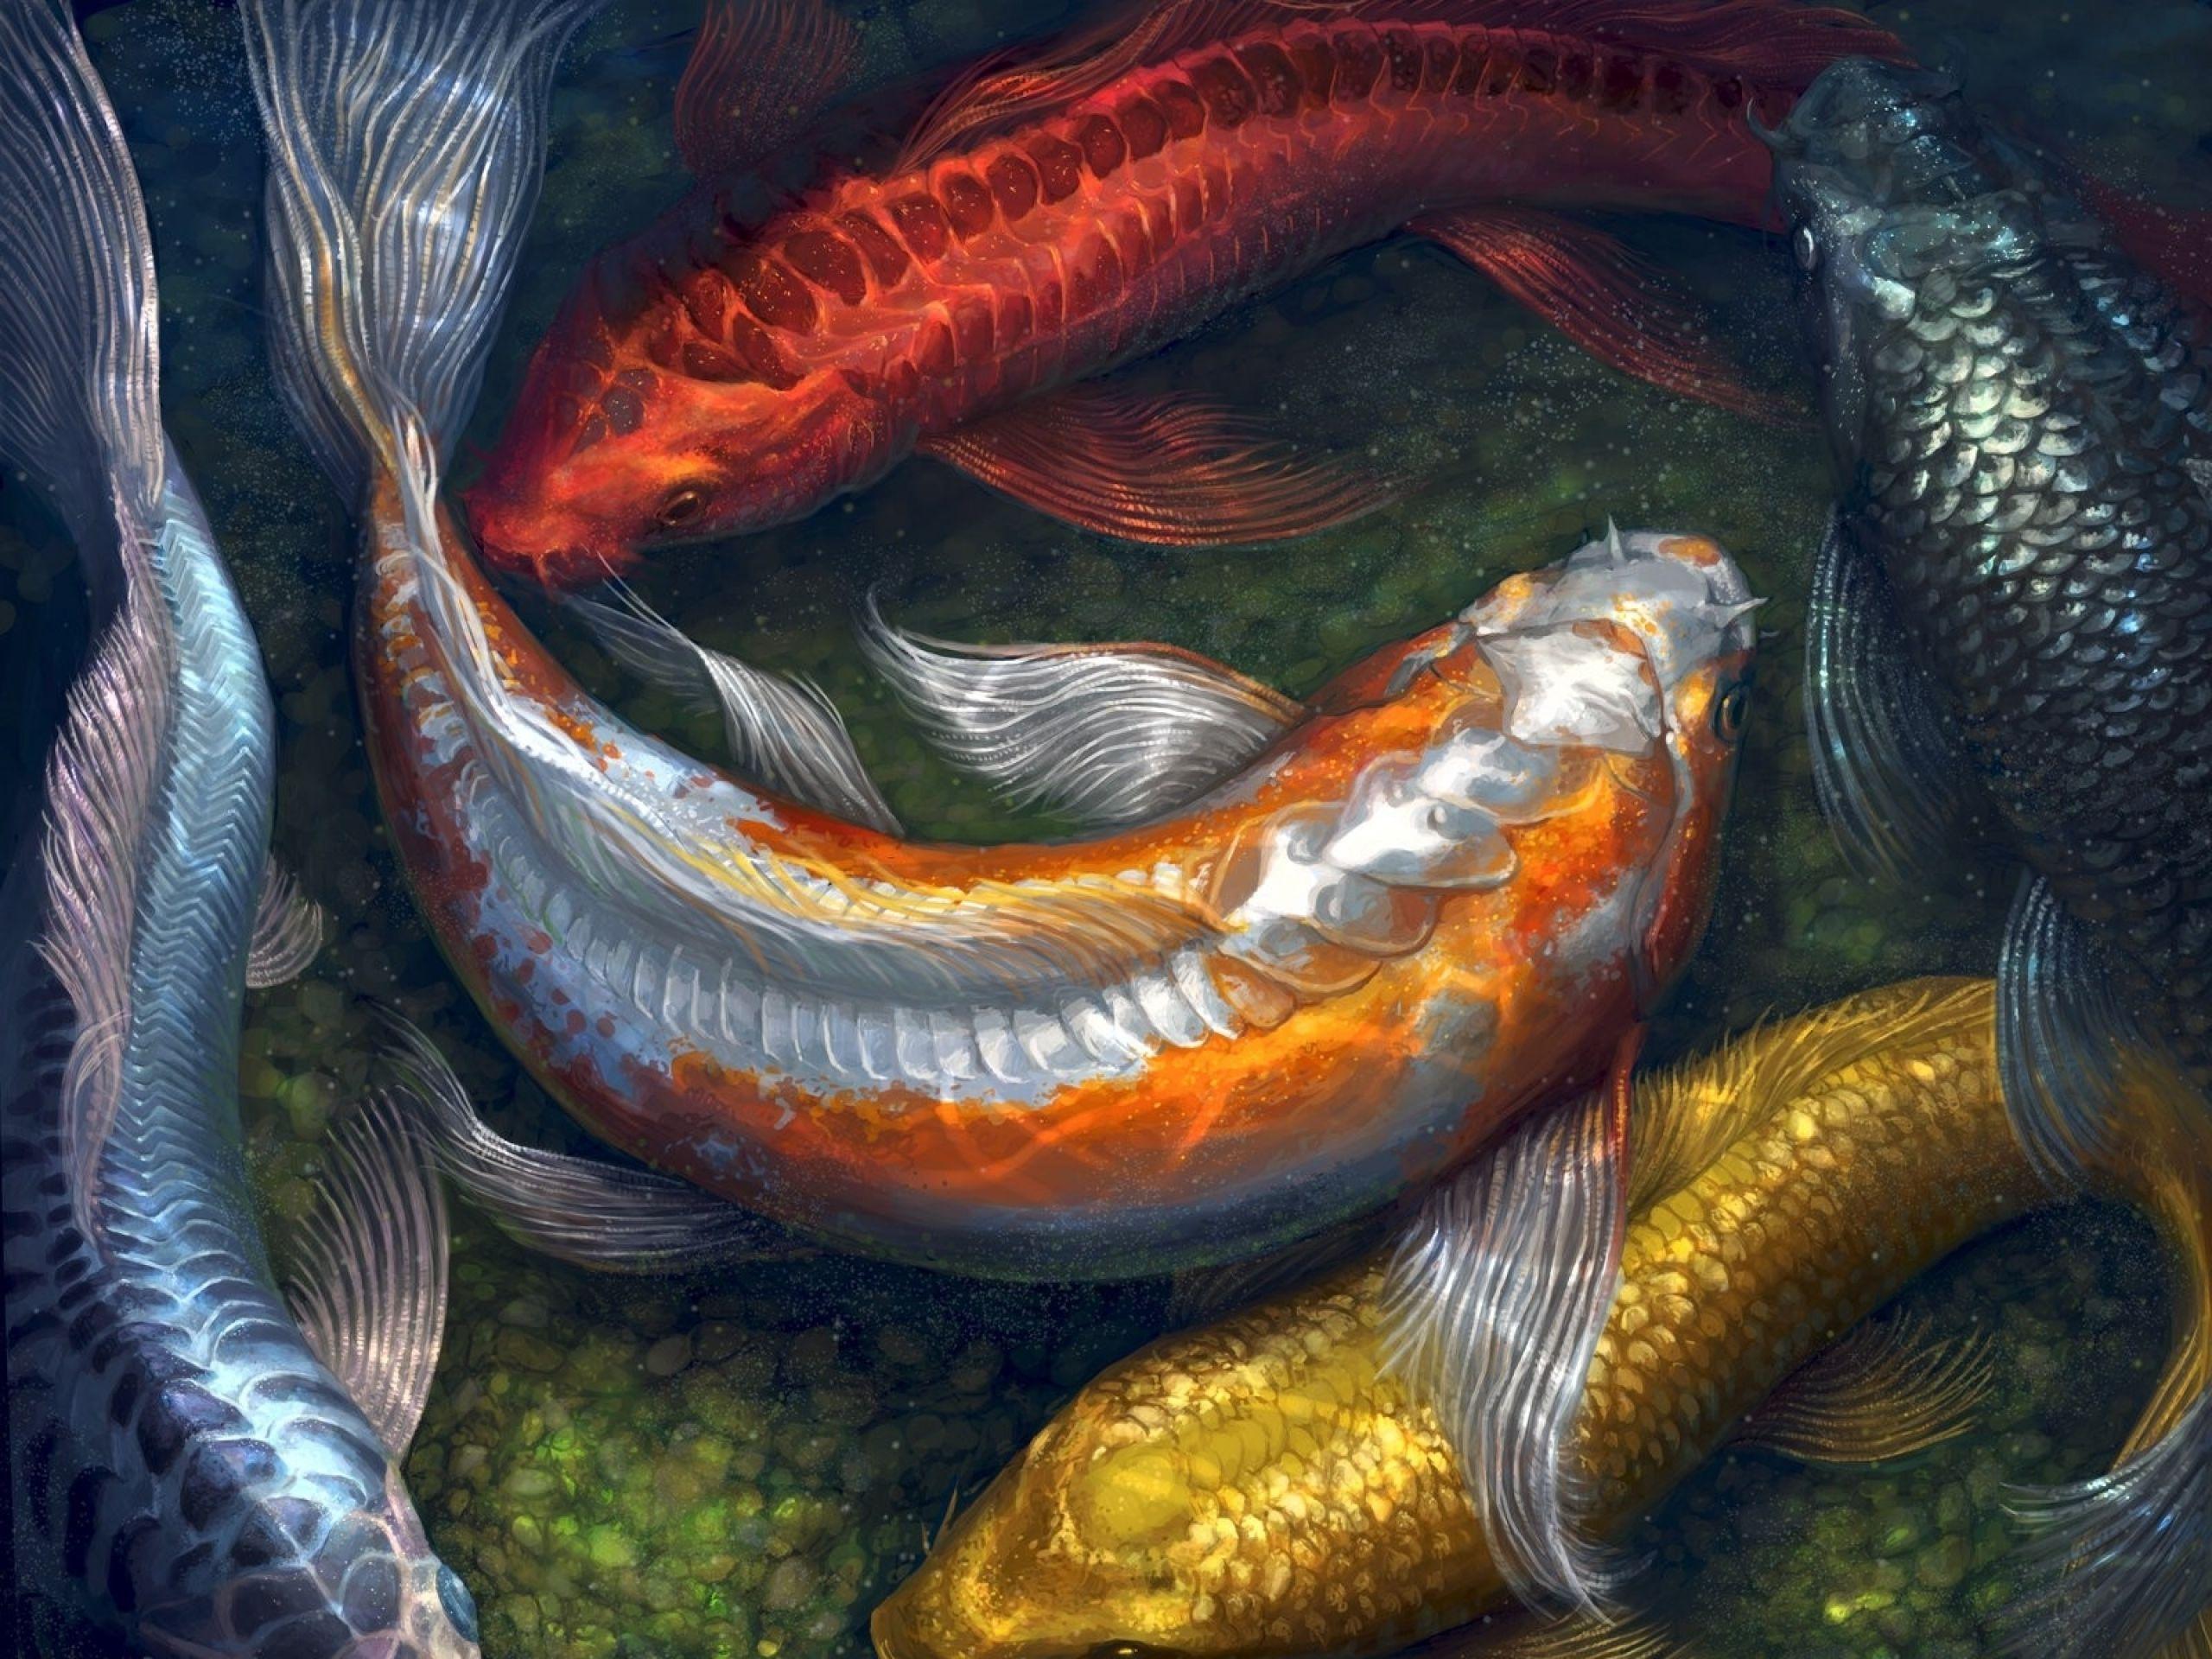 Water Paintings Fish Koi Artwork Pebbles 1600x1250 Wallpaper